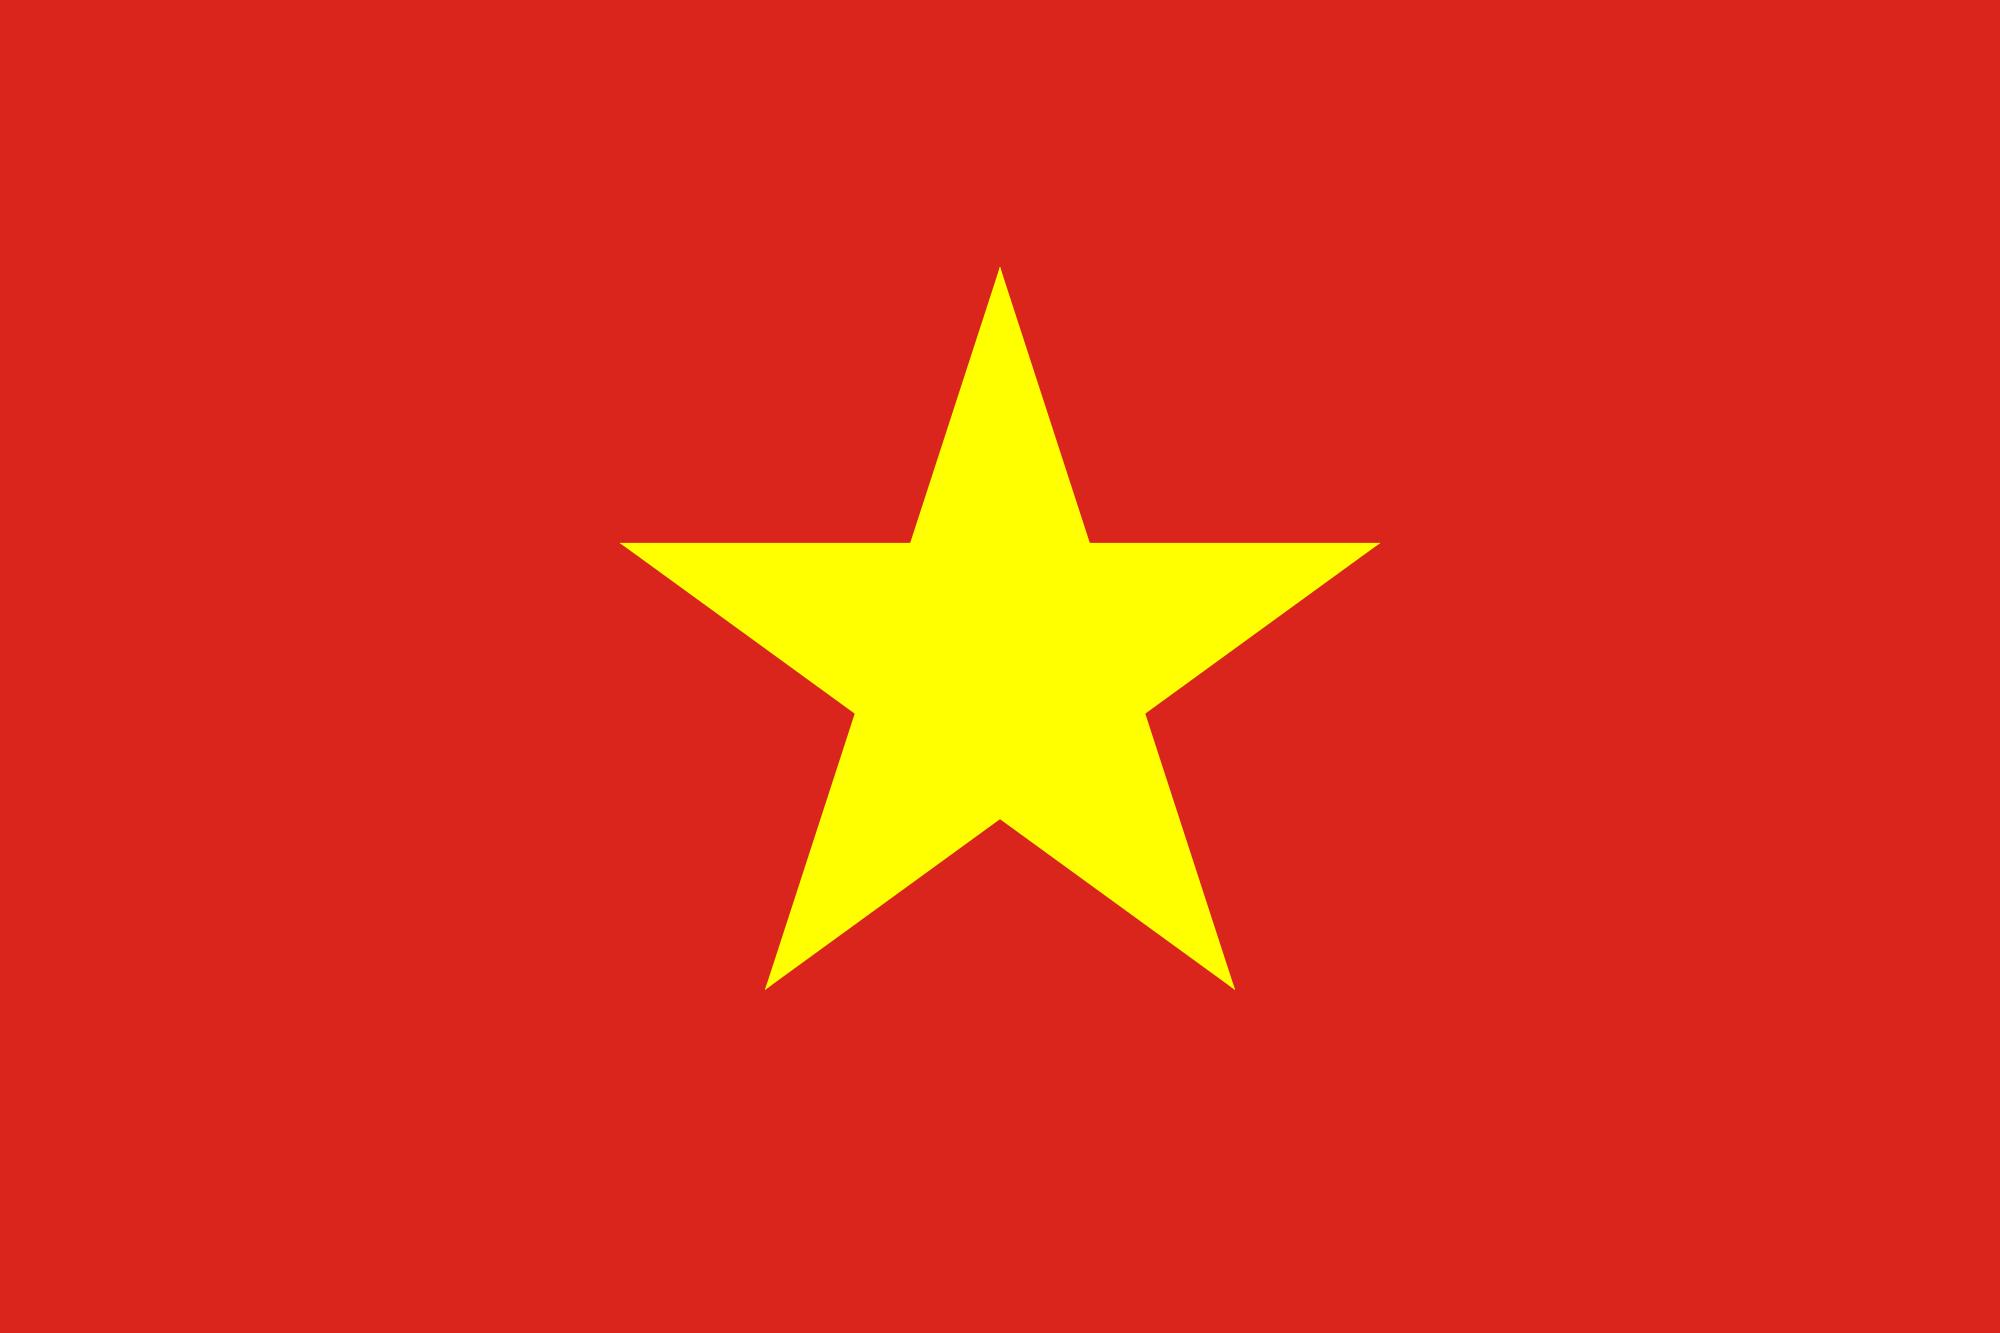 Ассоциация вьетнамских бизнесменов в РФ